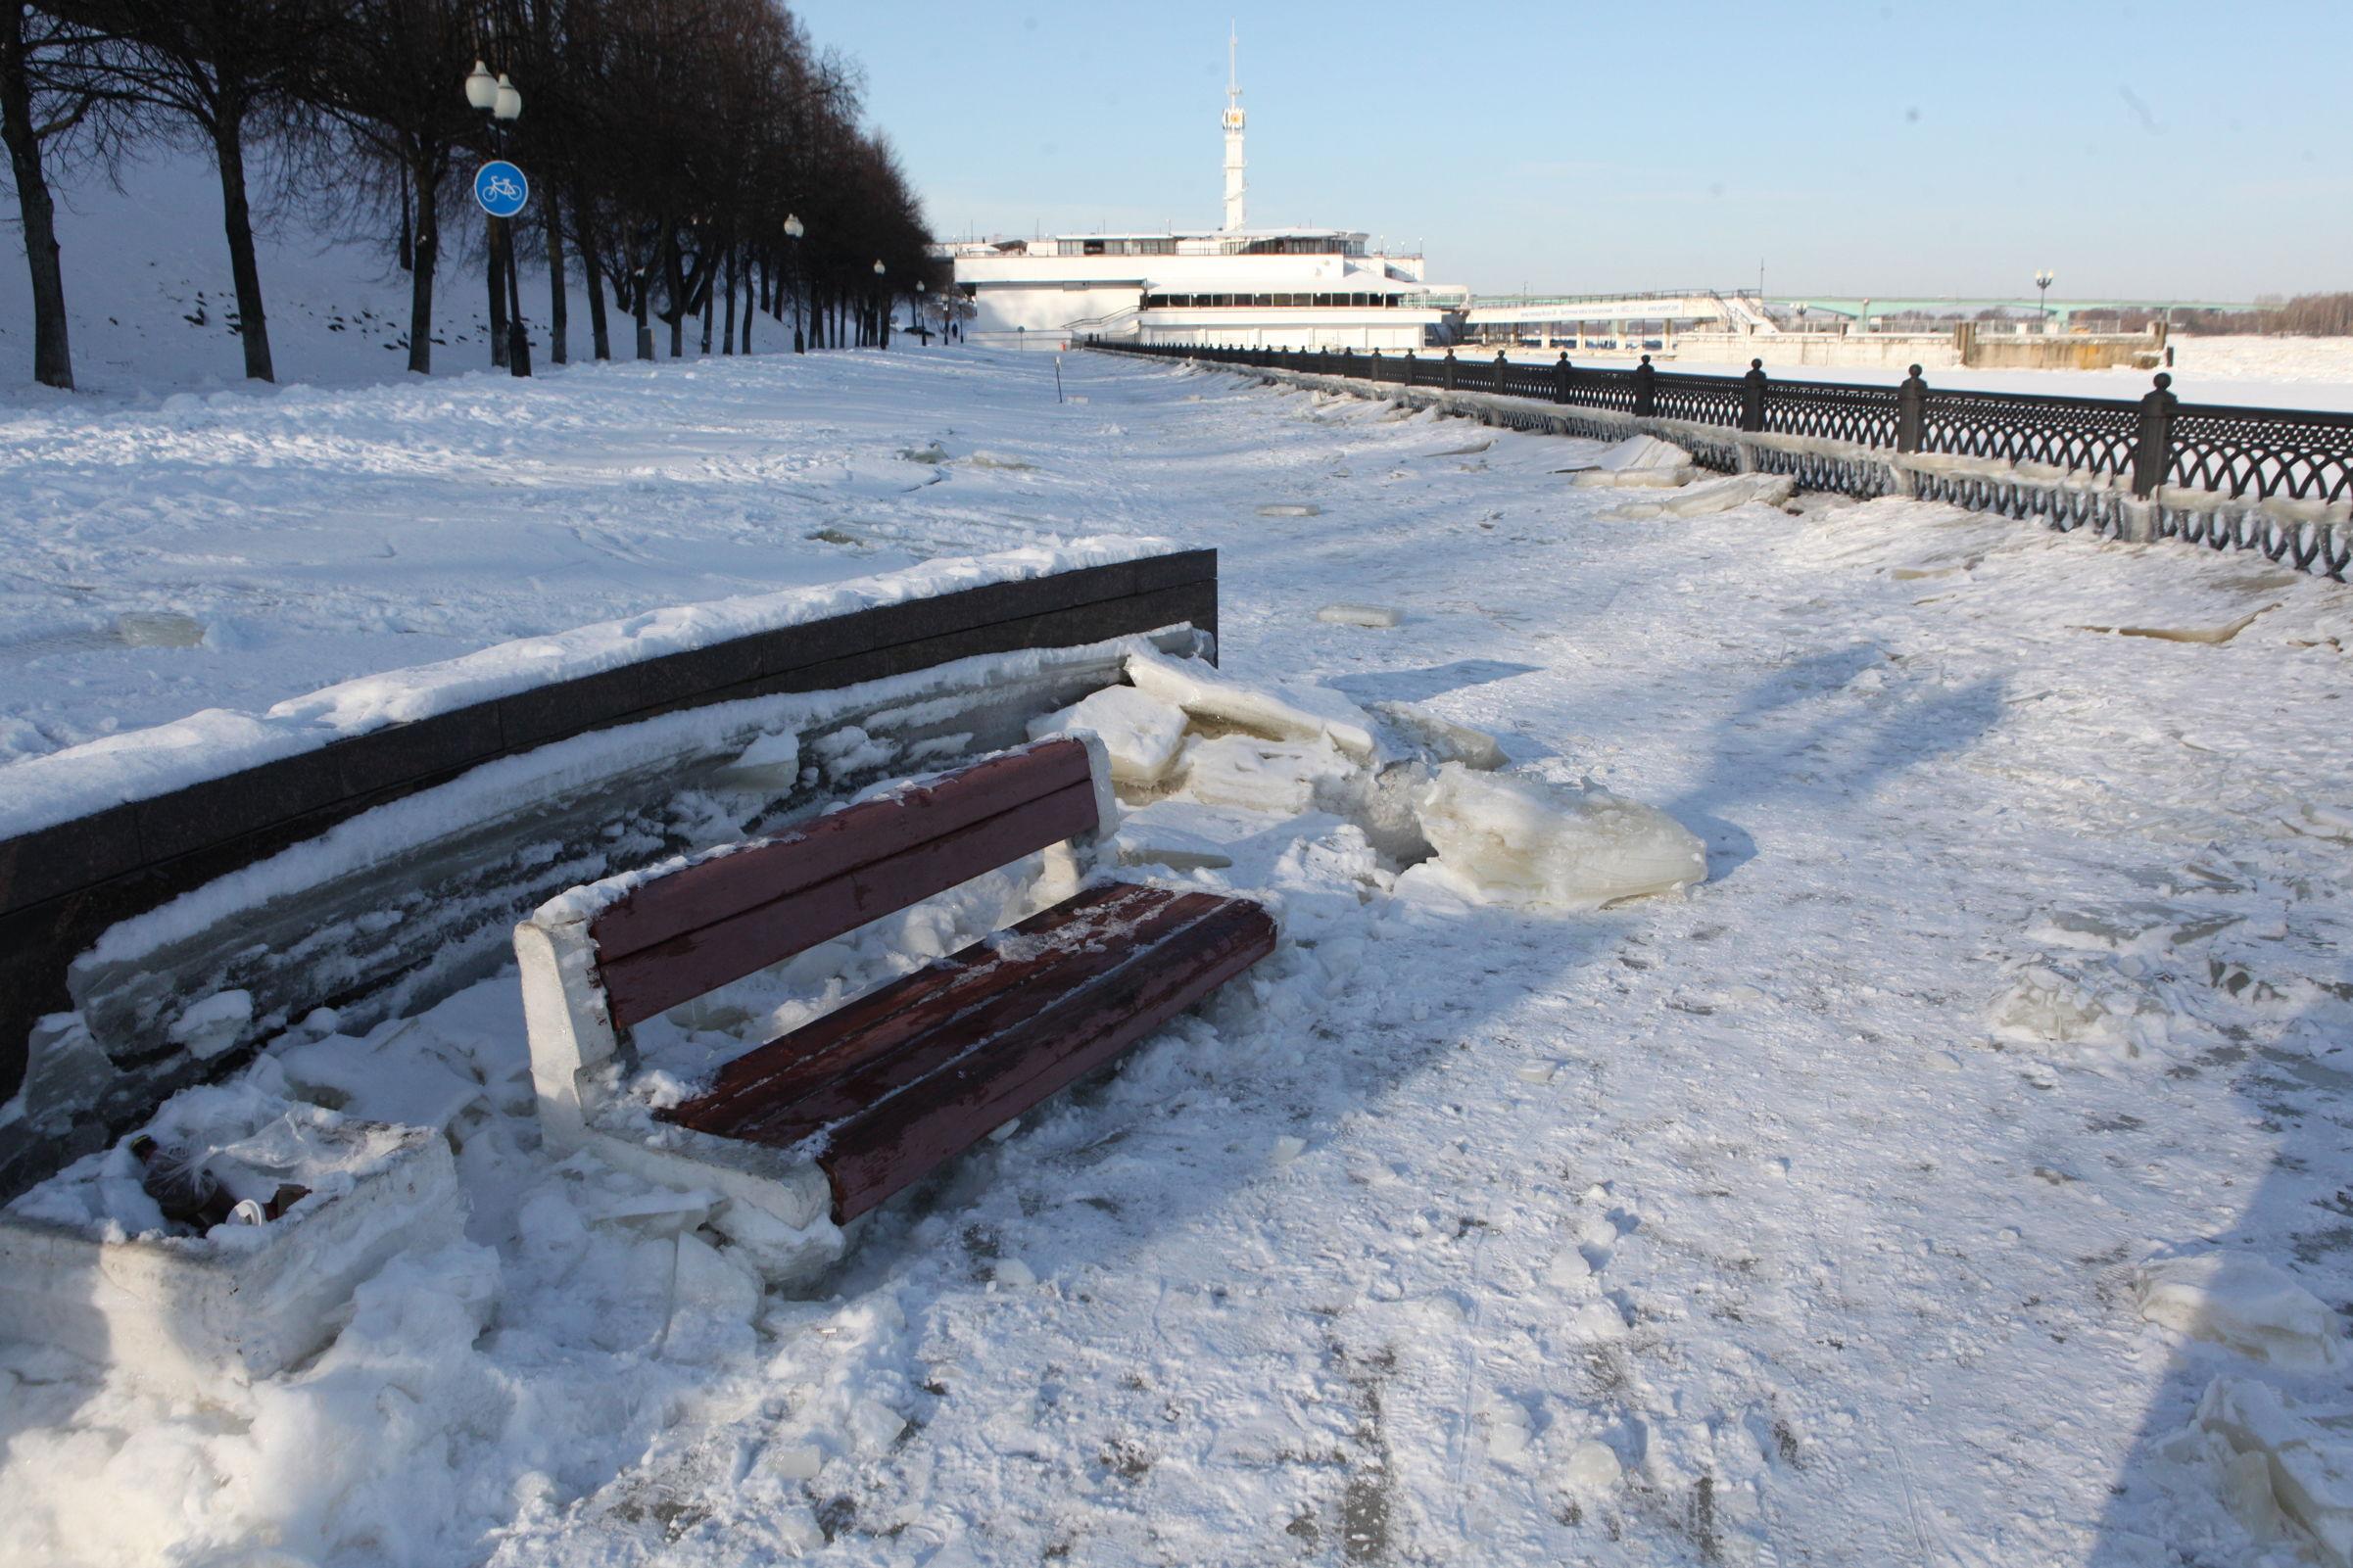 Минприроды РФ рассмотрит ярославские предложения по стабилизации уровня воды в Волге